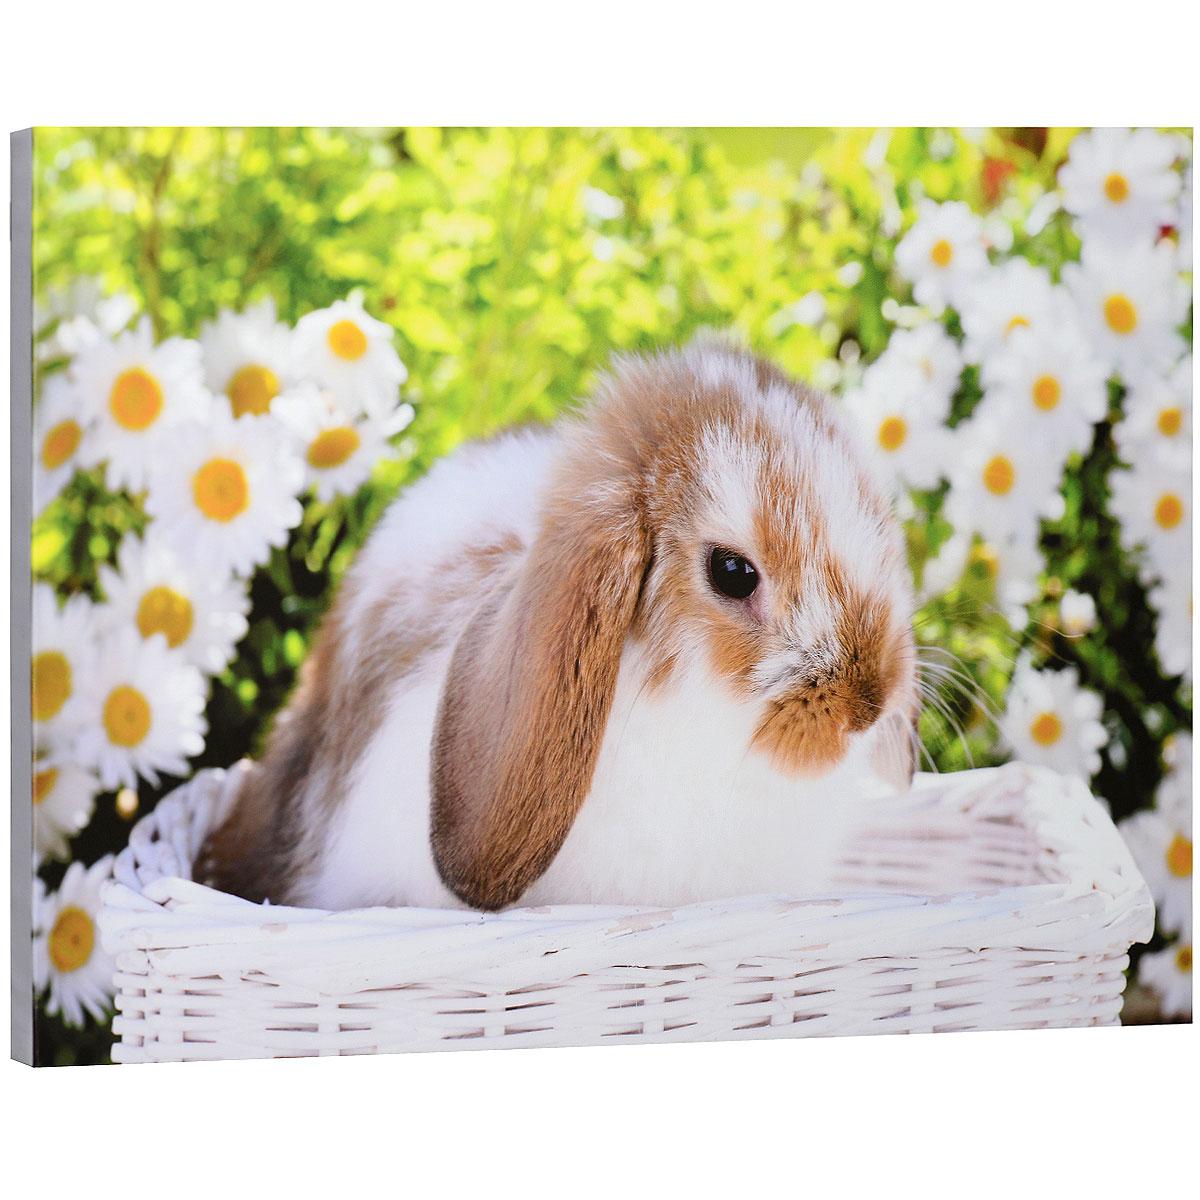 КвикДекор Картина на холсте  Кролик в белой корзинке , 60 см х 40 см -  Детская комната